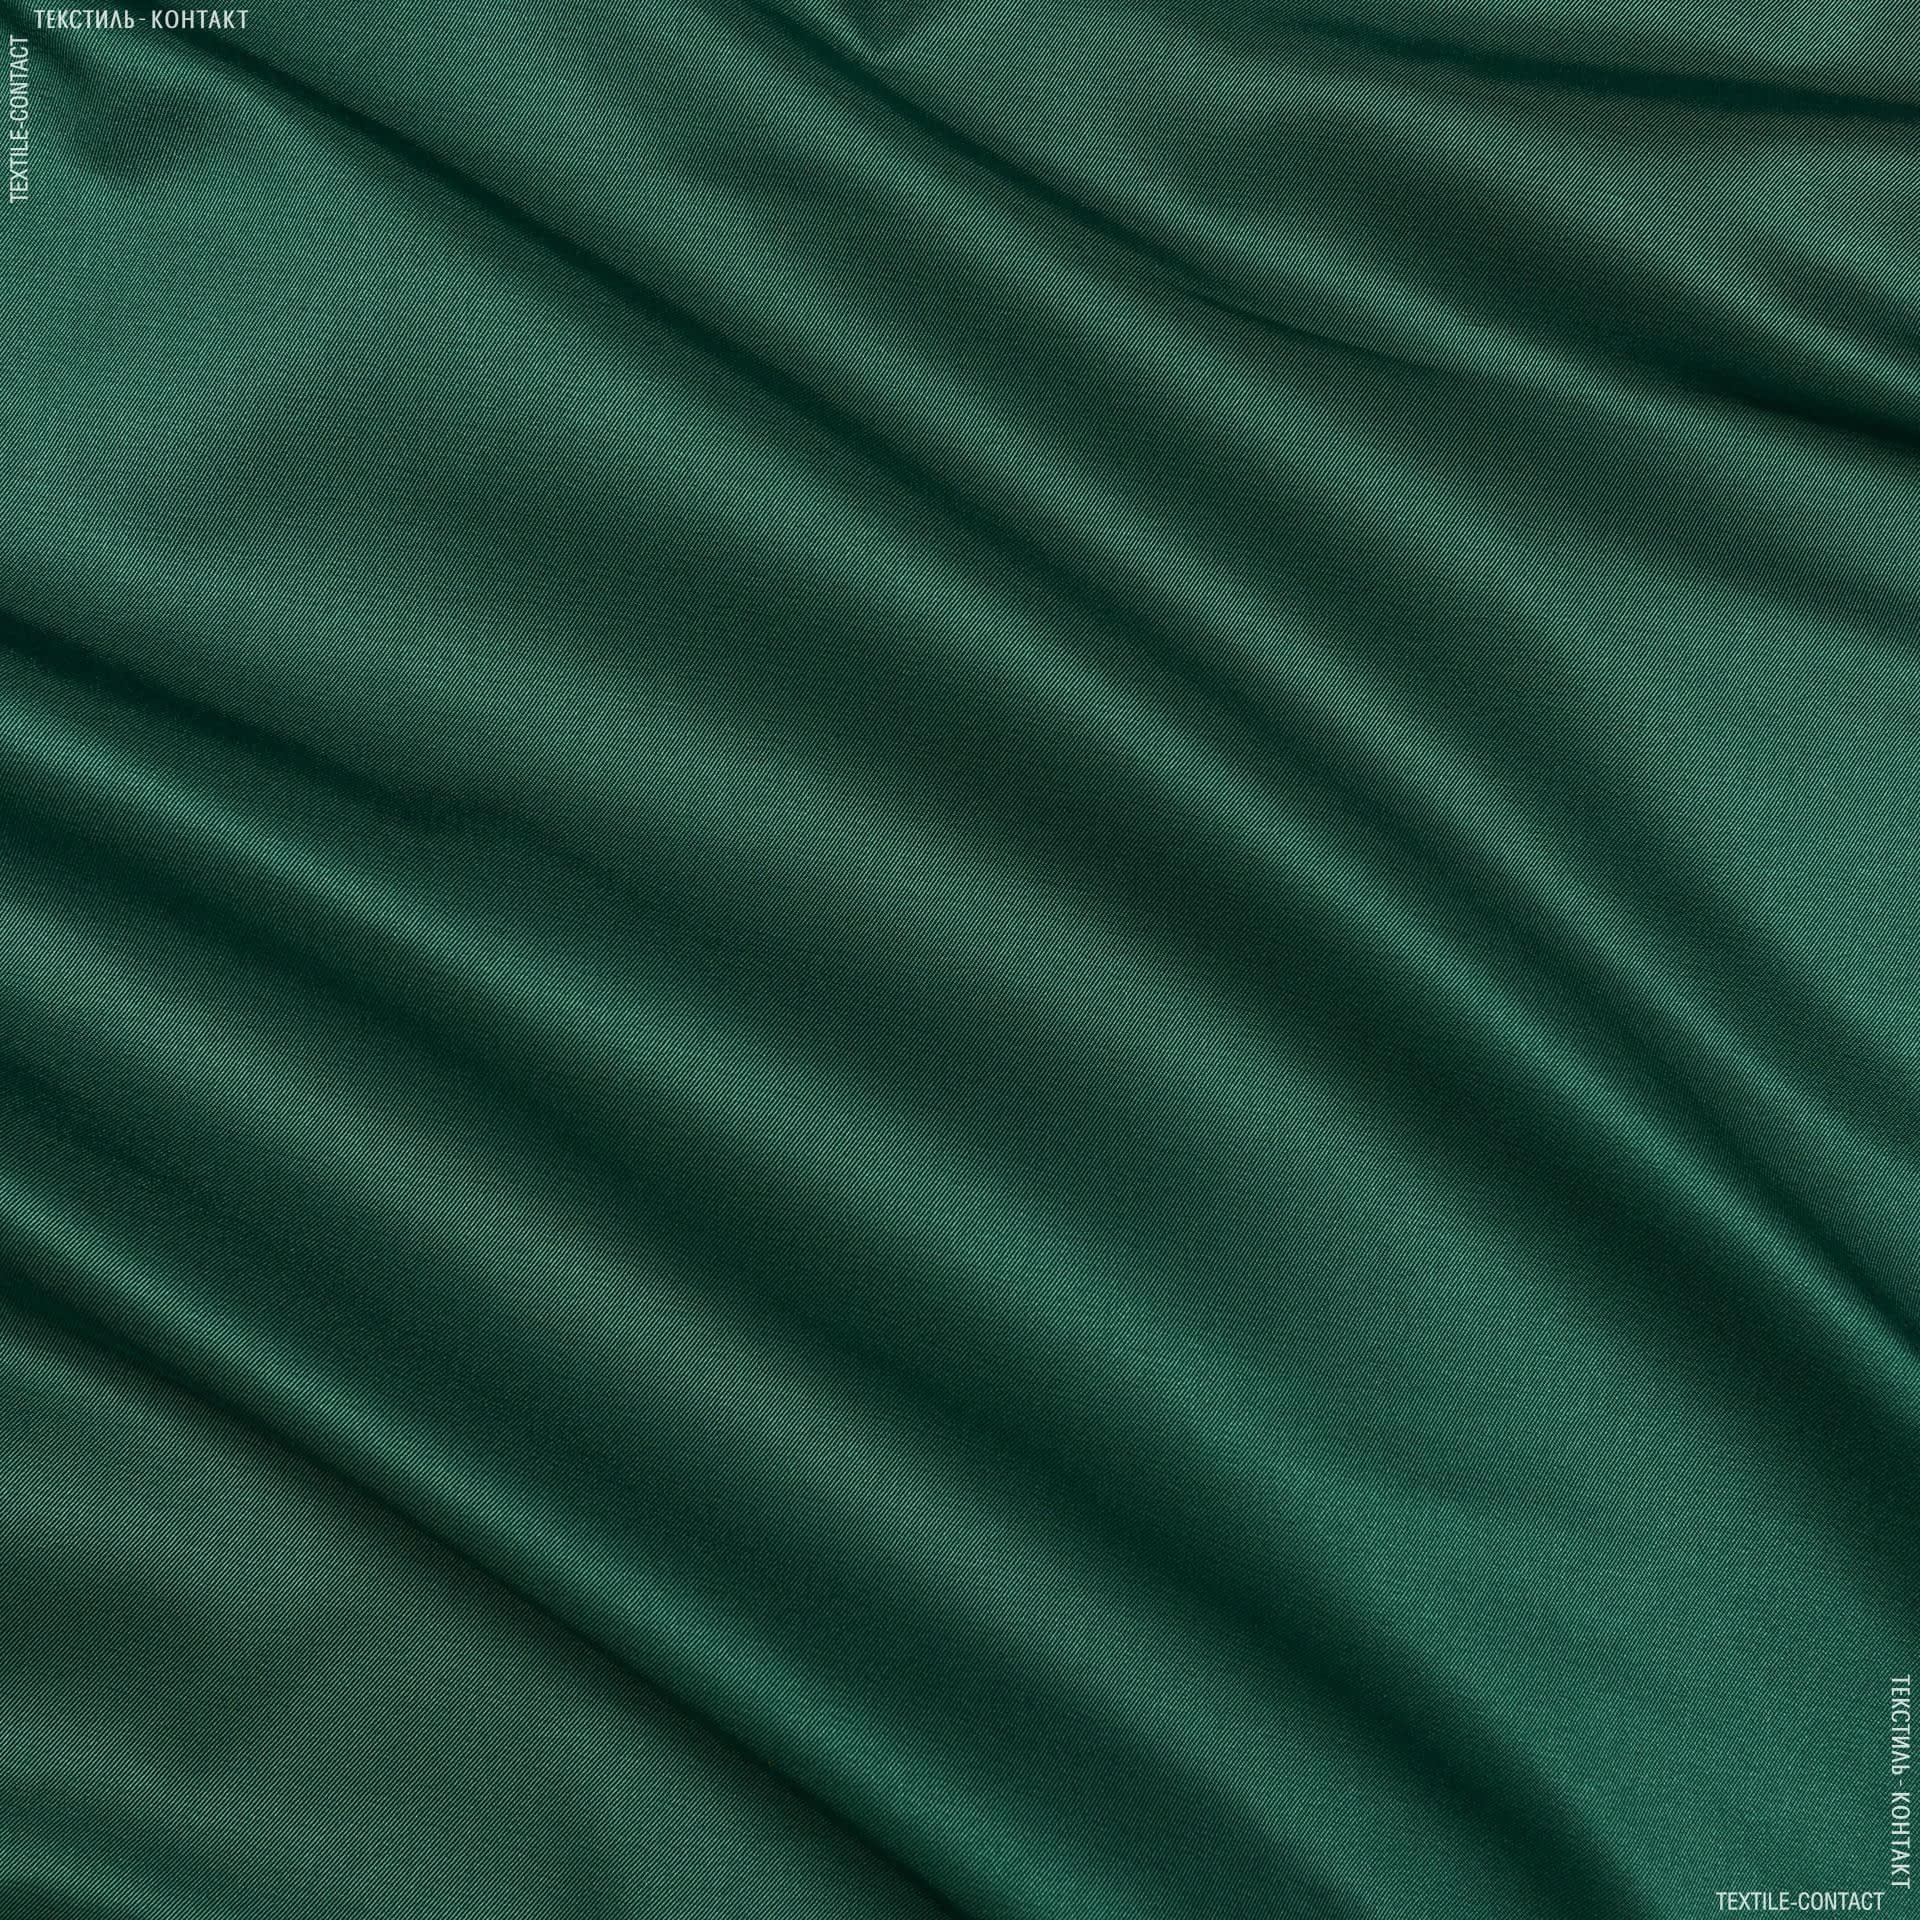 Ткани для спецодежды - Плащевая ткань ортон ф морская волна во